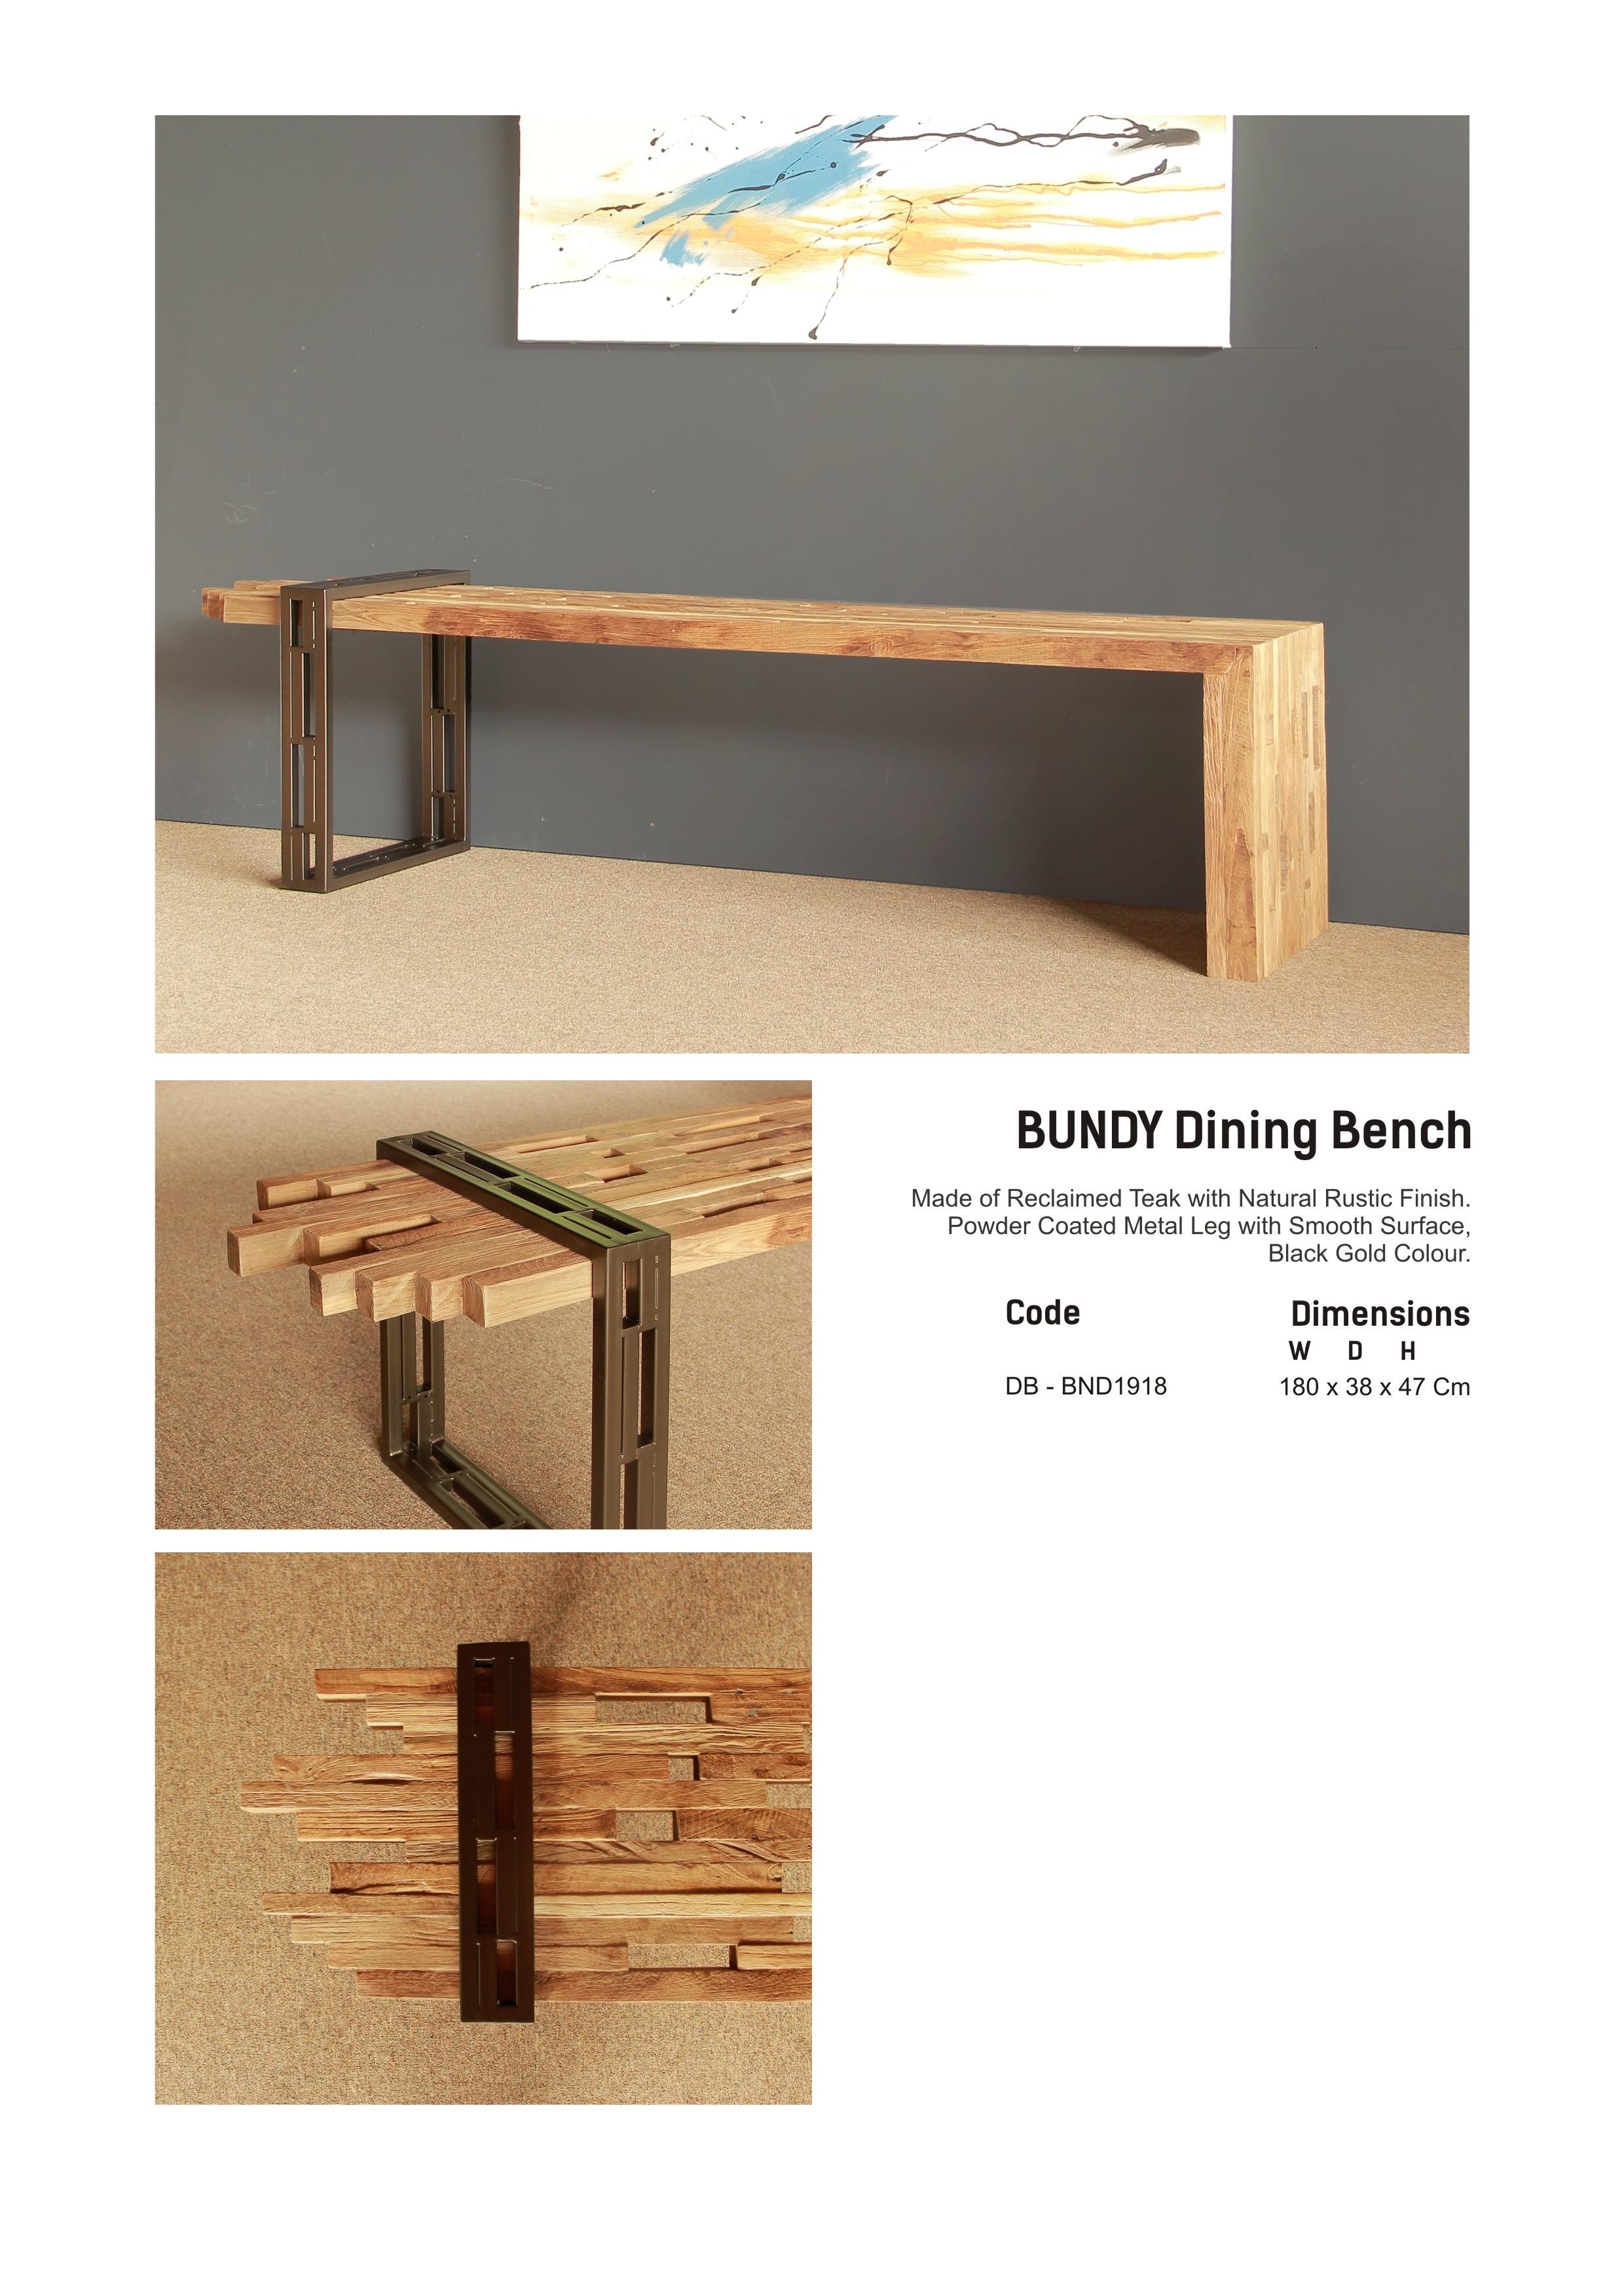 19. BUNDY Dining Bench